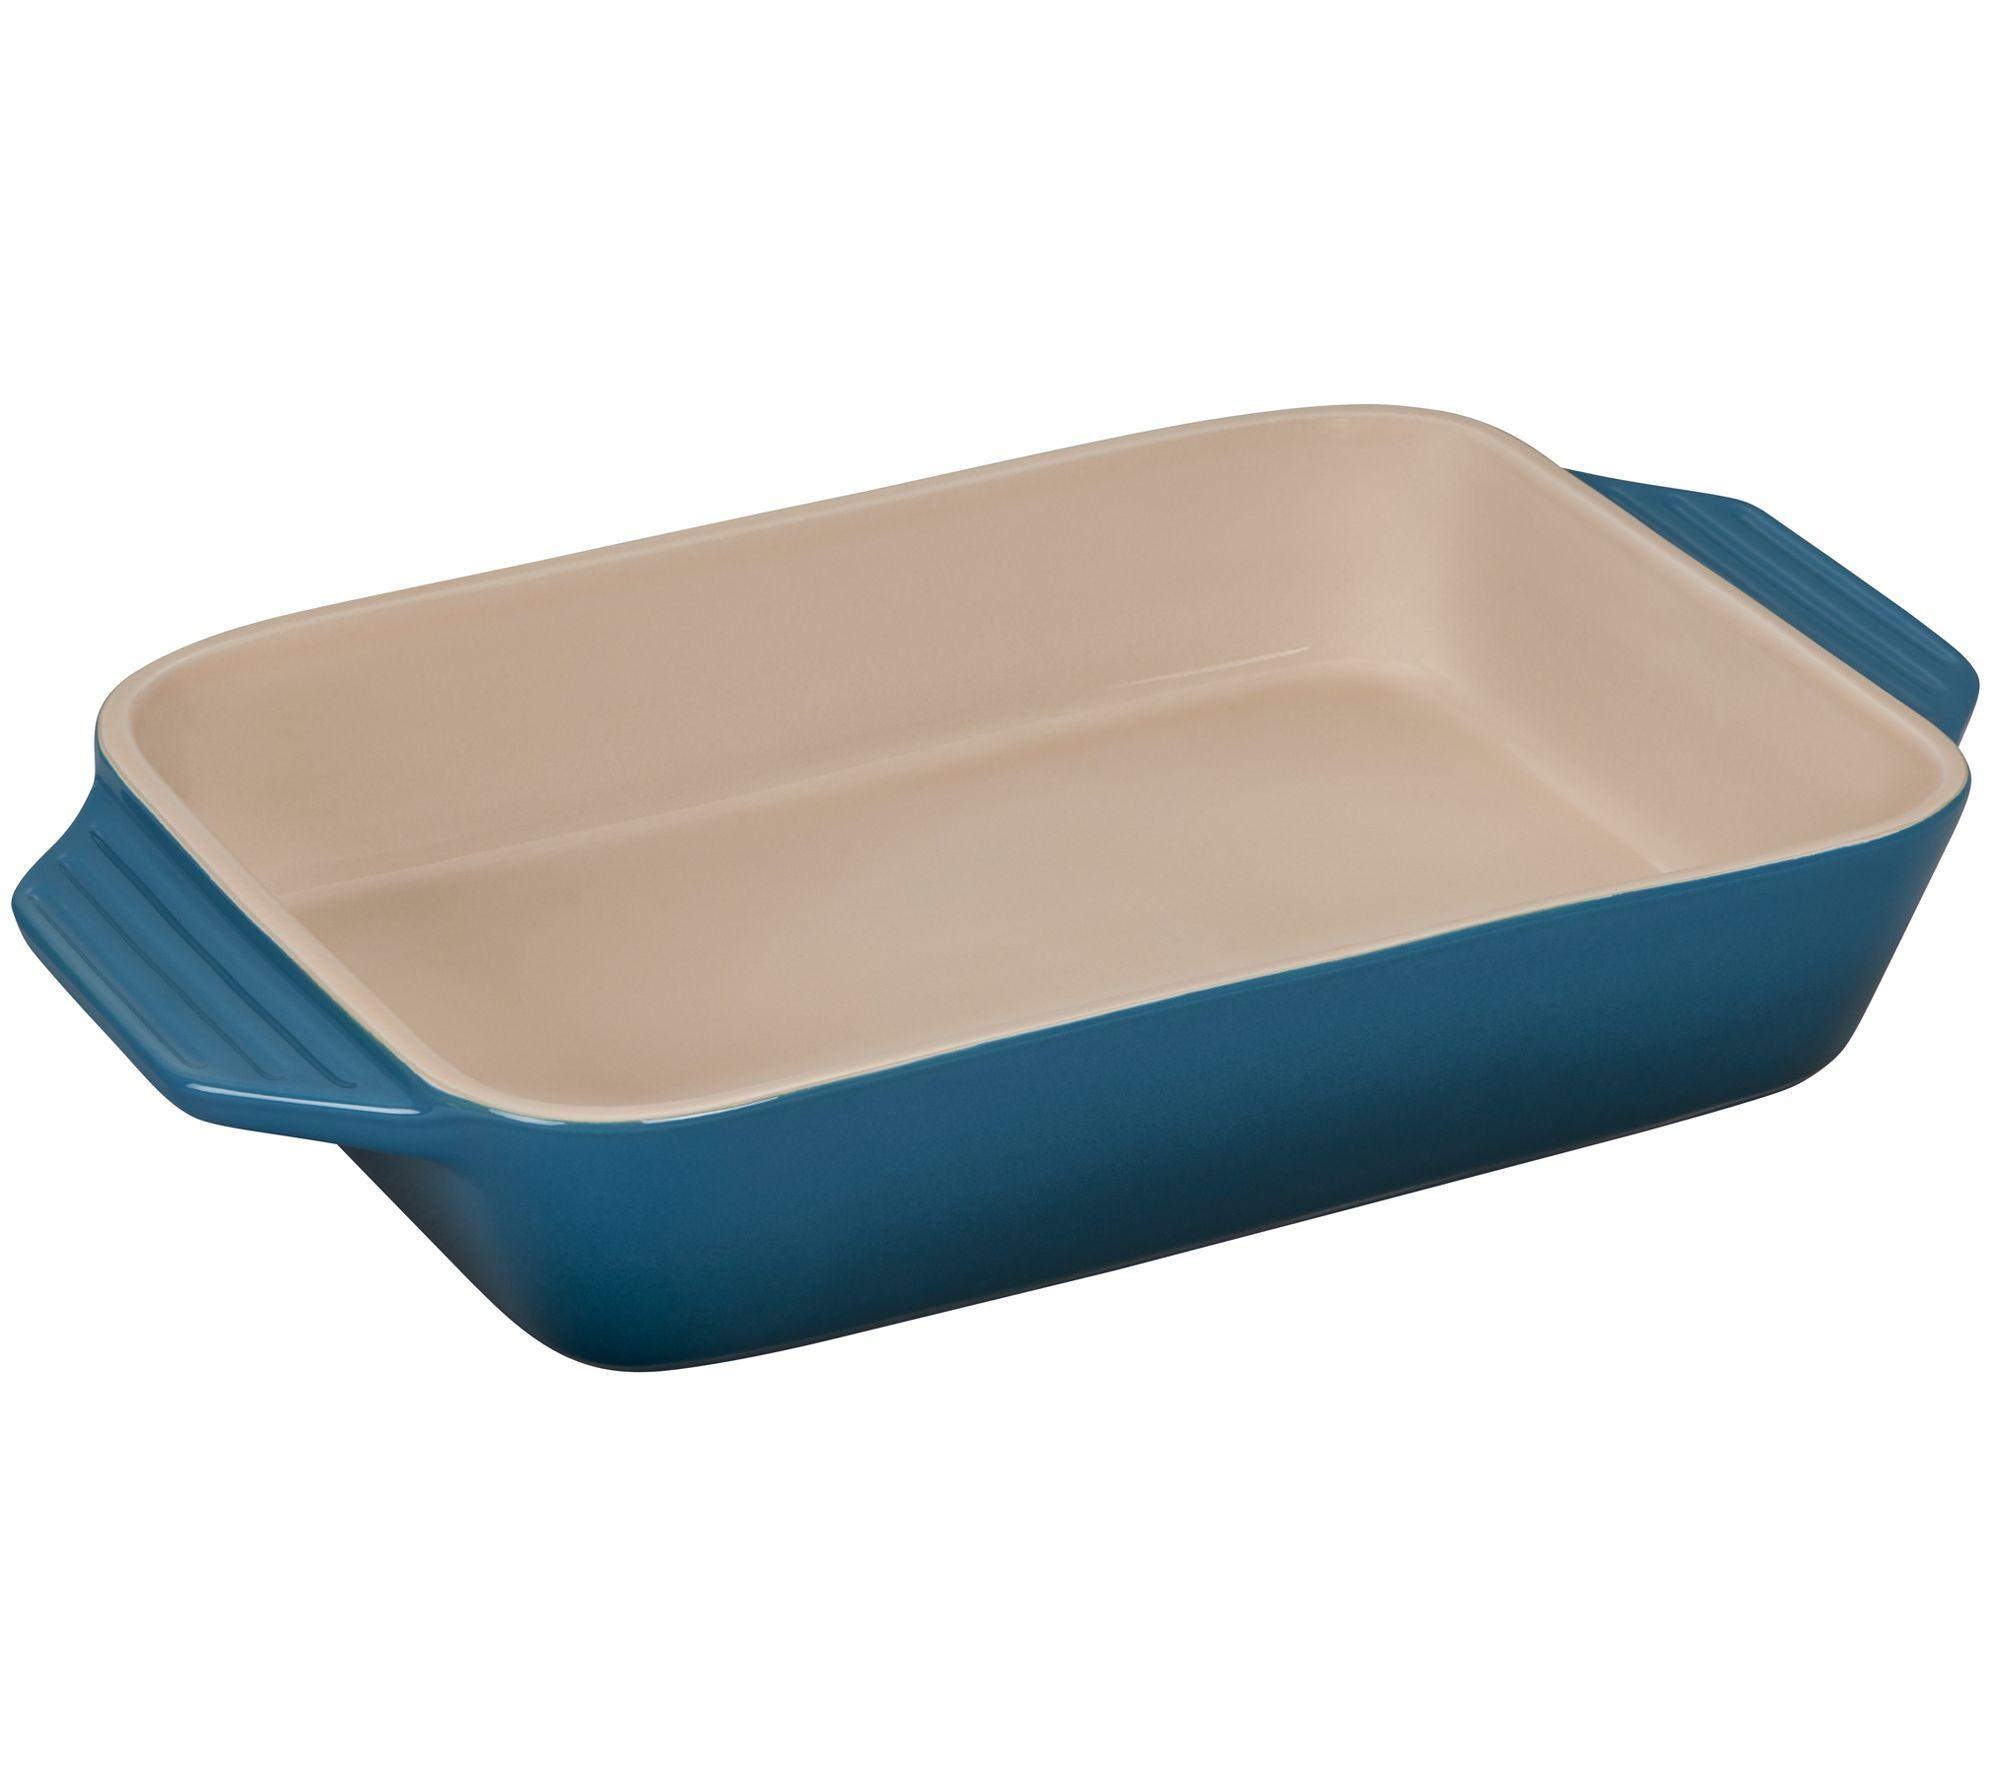 Le Creuset Signature 12 Quot X 9 Quot Stoneware Rectangular Dish